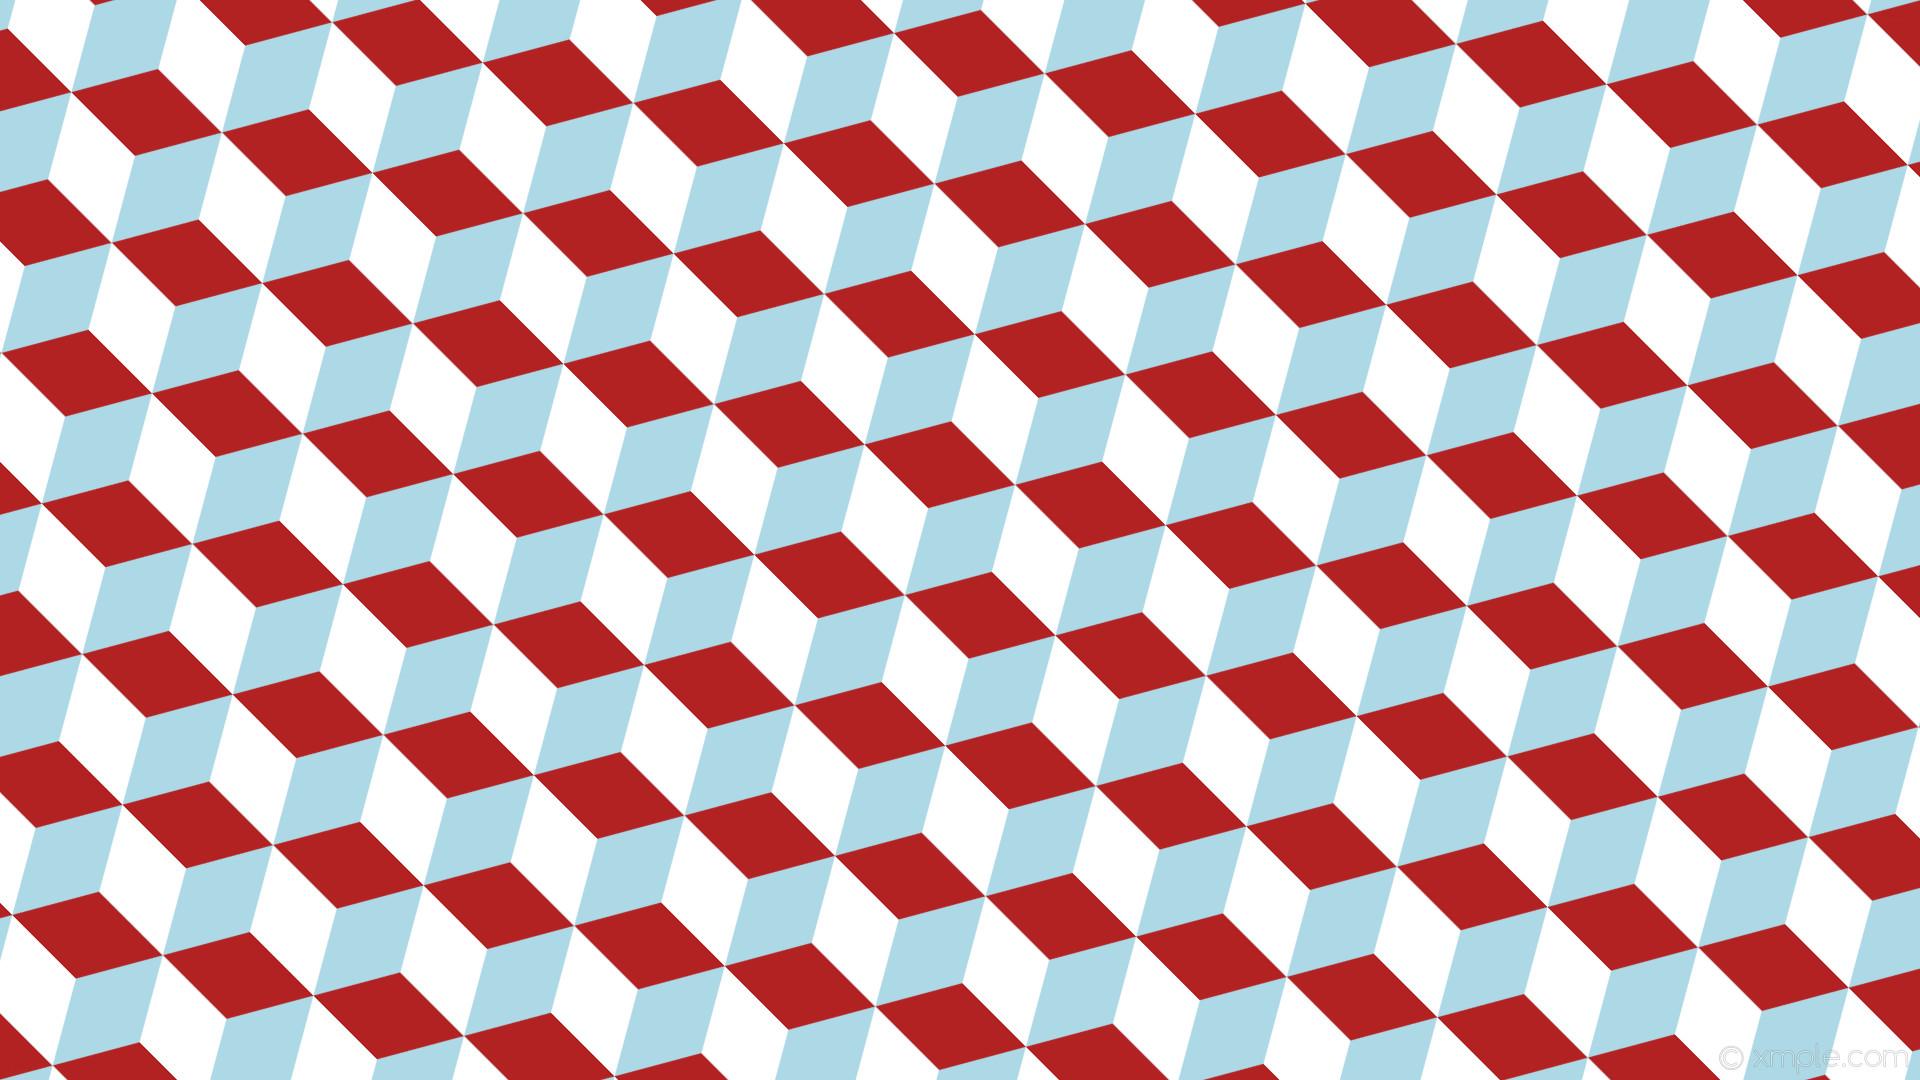 wallpaper red white 3d cubes blue light blue fire brick #add8e6 #b22222  #ffffff